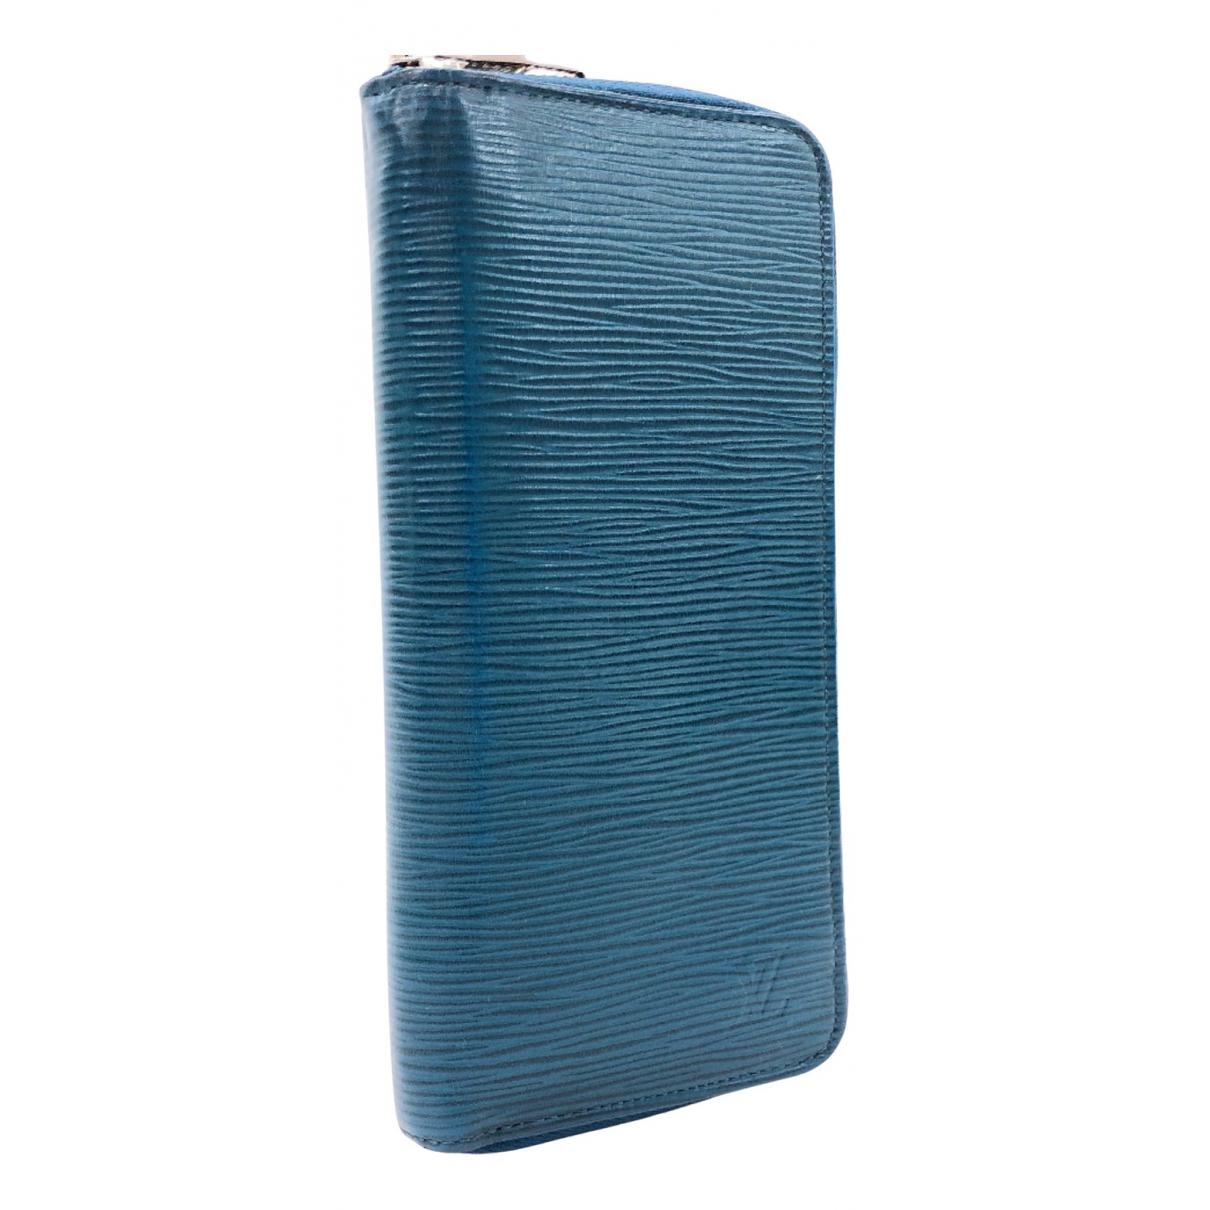 Louis Vuitton - Portefeuille Zippy pour femme en cuir - bleu